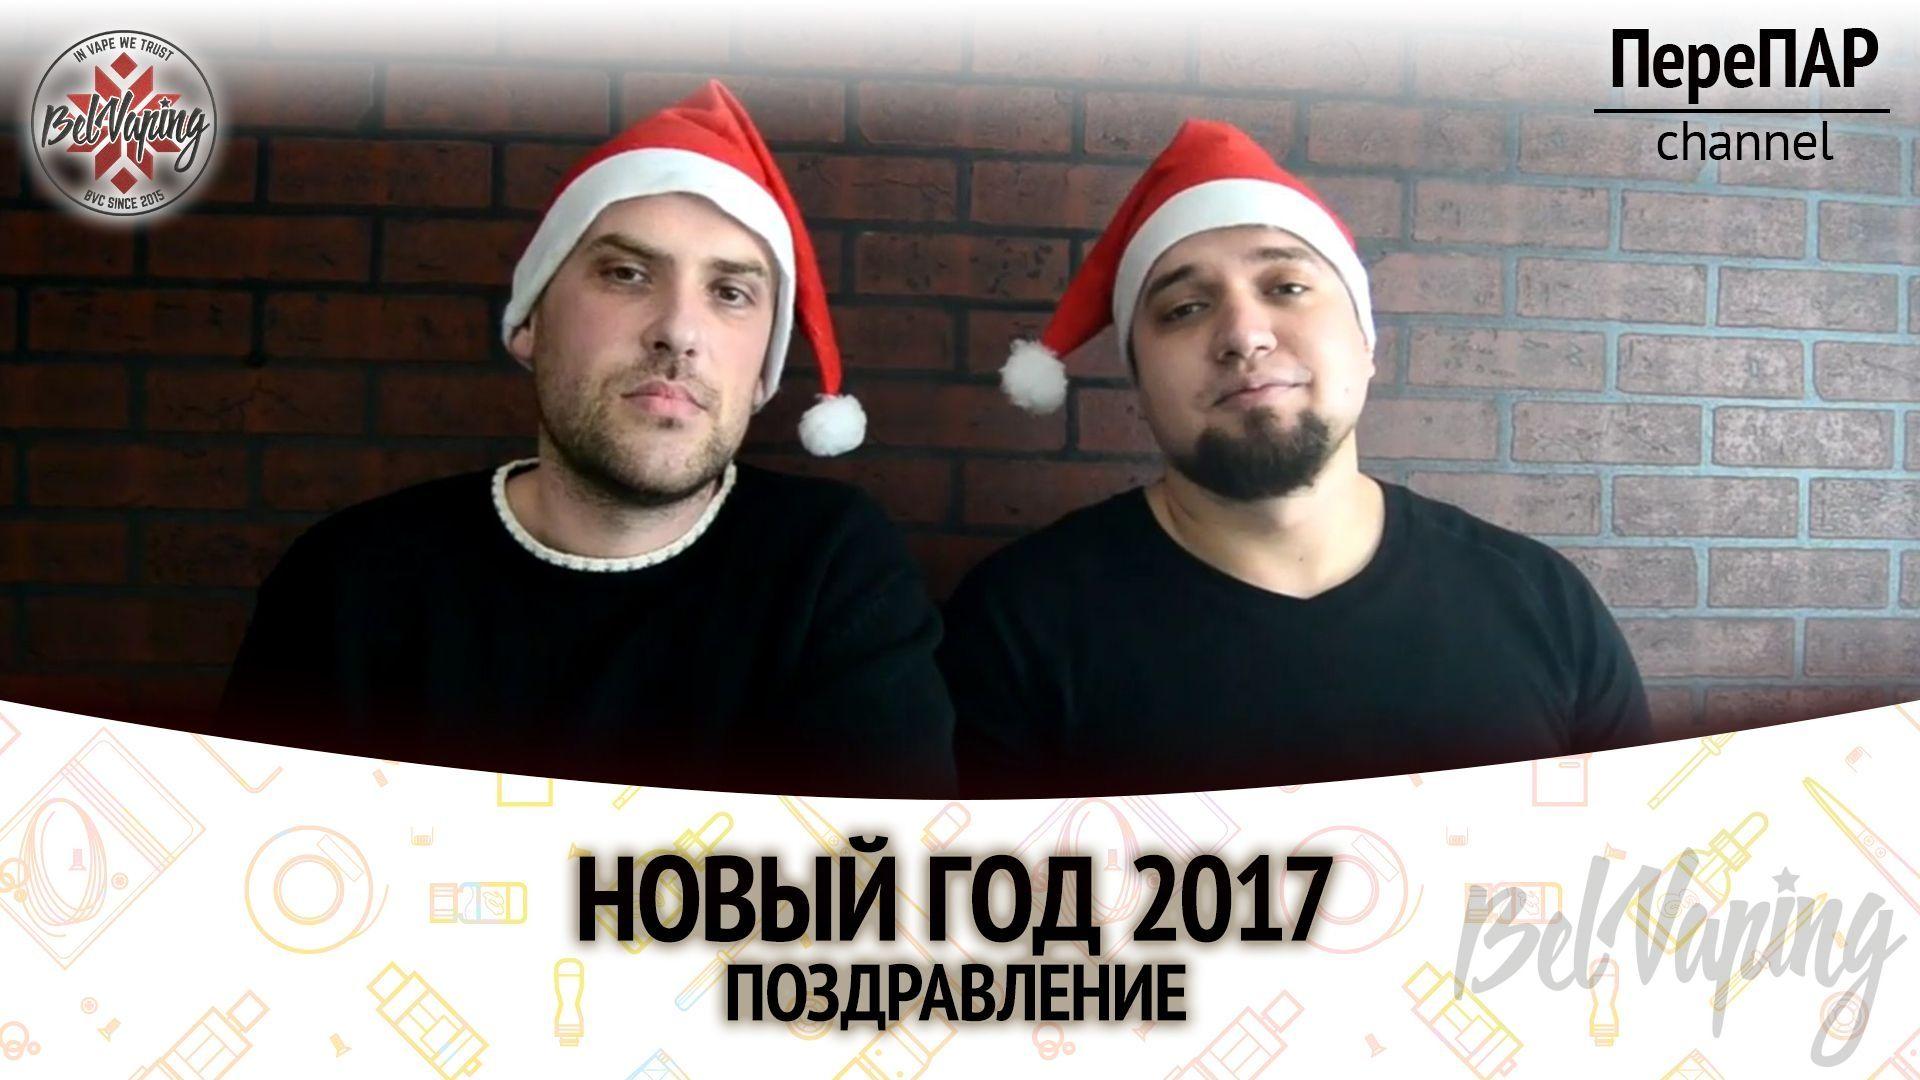 Поздравление от канала ПереПАР с Новым годом